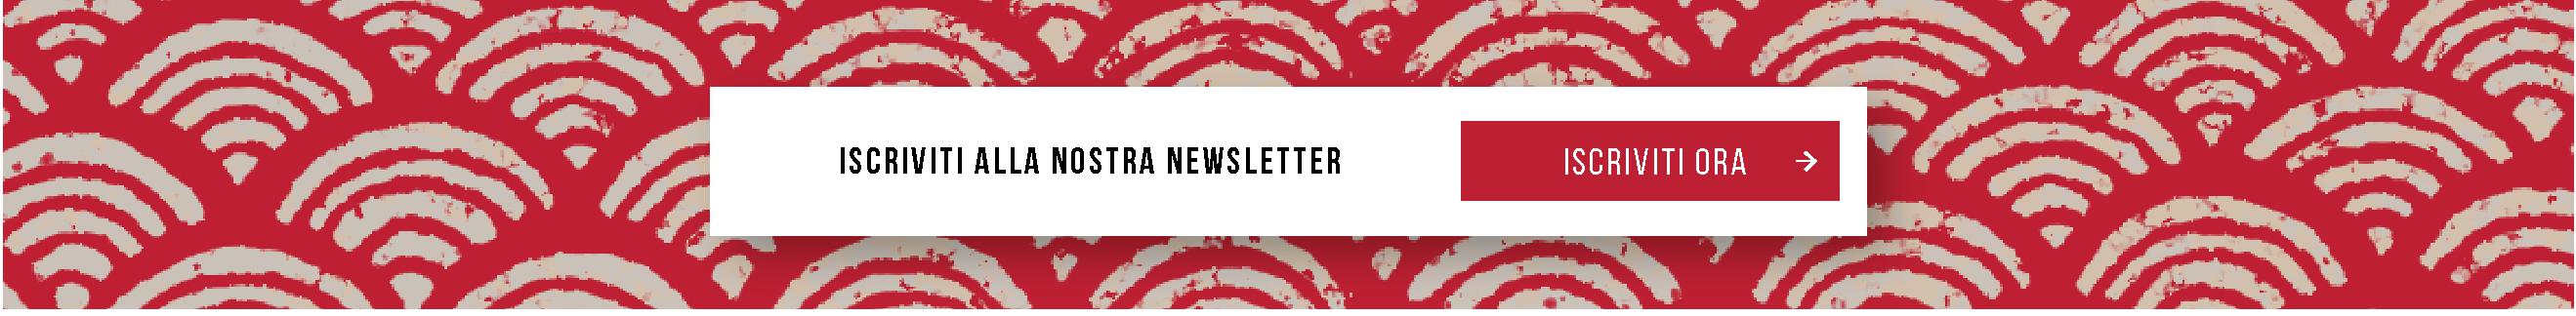 Firenzesake_newsletter